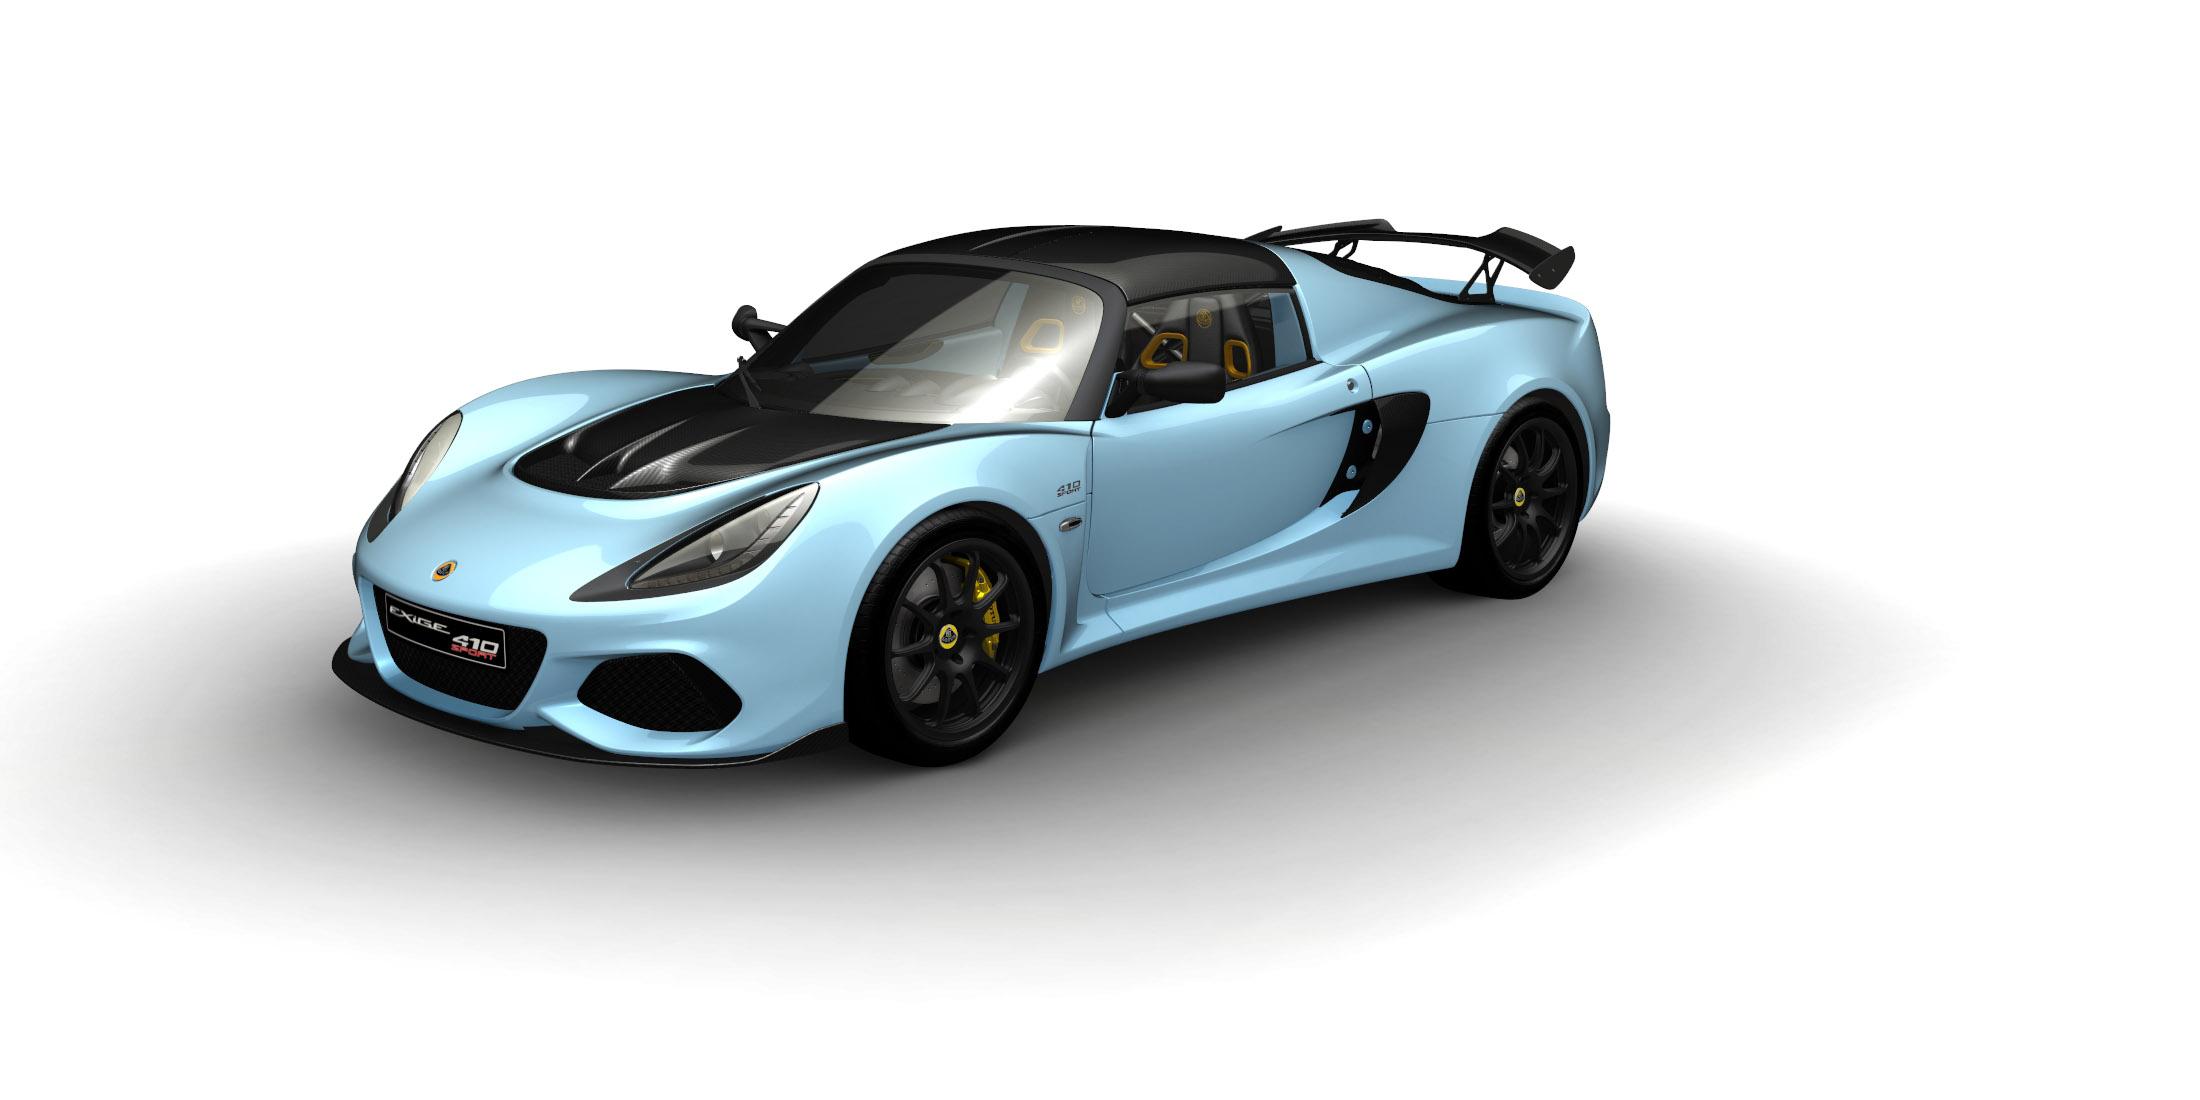 85868c50249e Exige Sport 410 - Lotus Cars